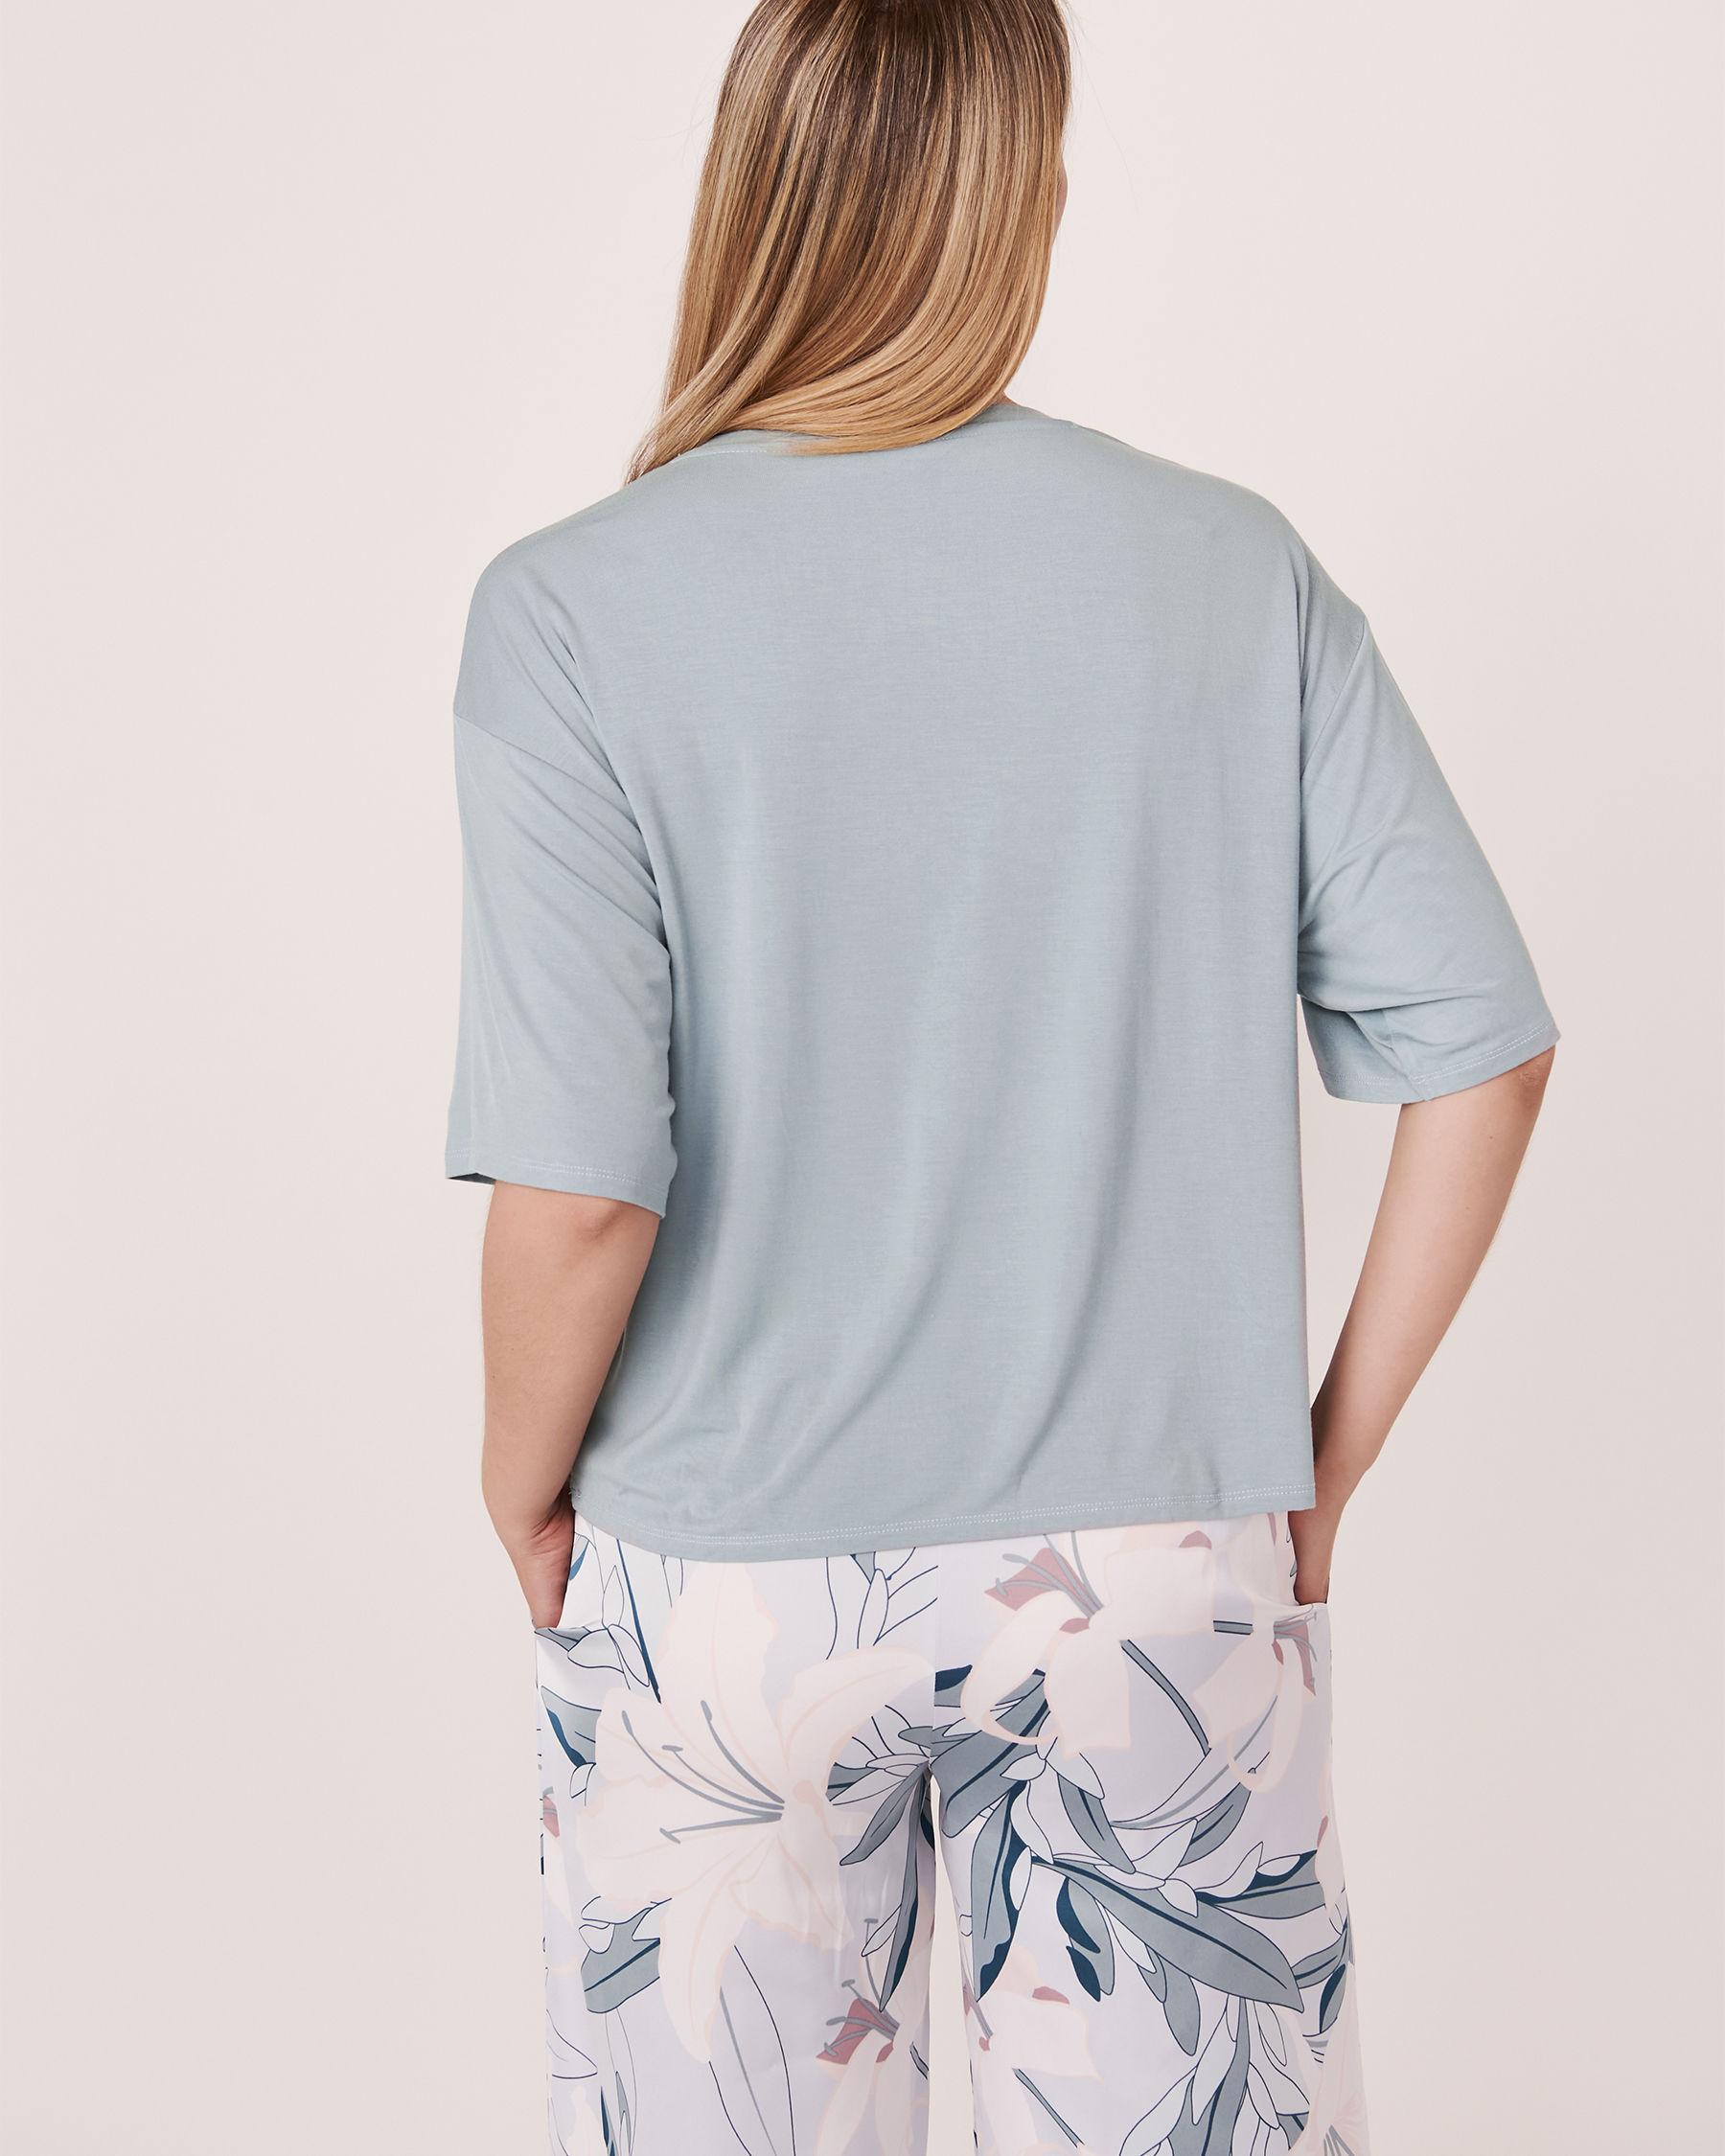 LA VIE EN ROSE Chandail manches courtes tombantes Bleu gris 40100068 - Voir2